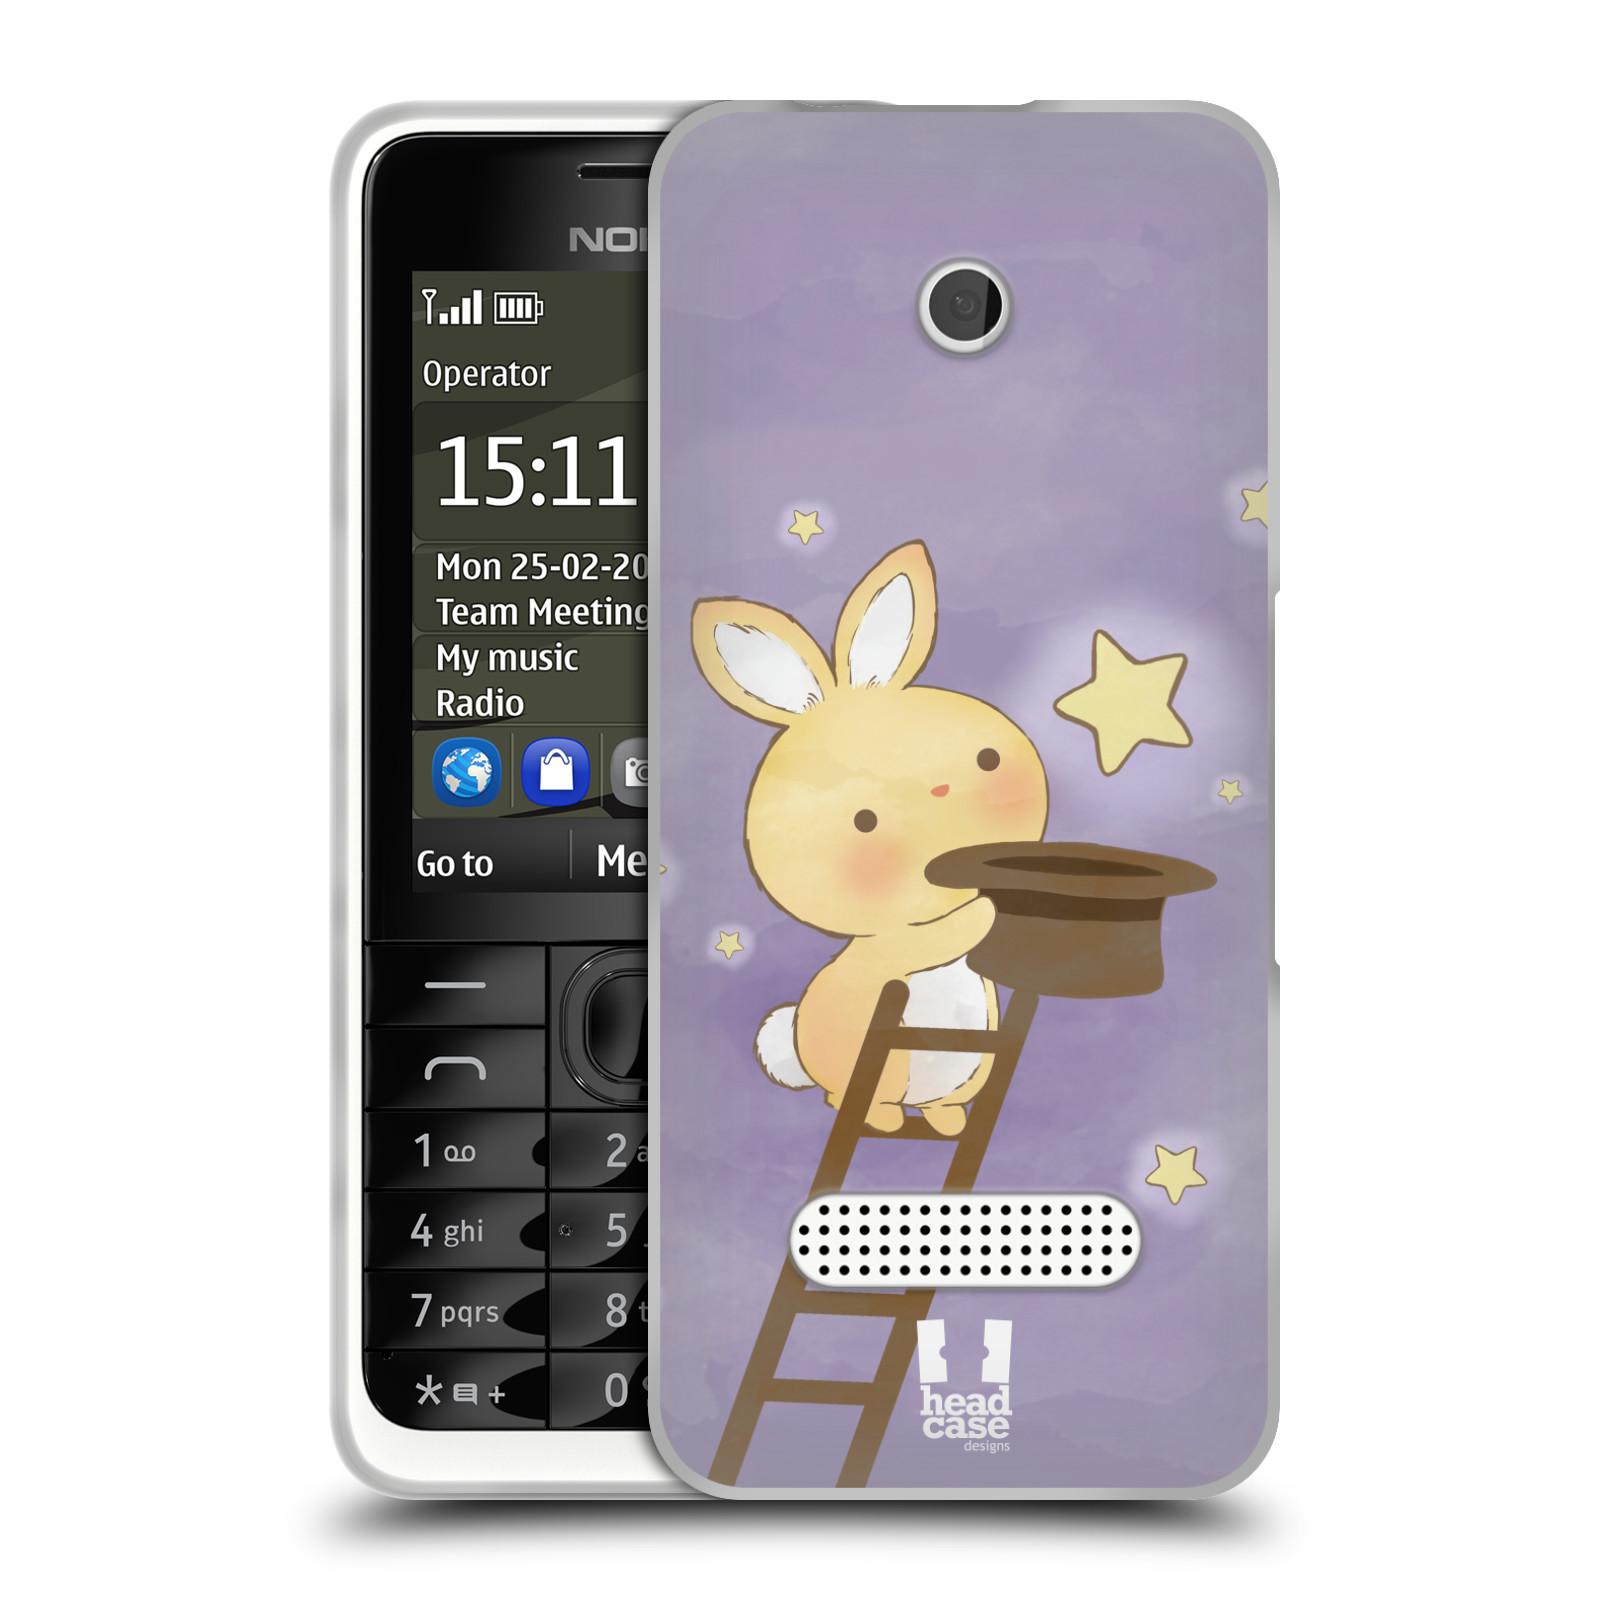 HEAD CASE silikonový obal na mobil NOKIA 301 vzor králíček a hvězdy fialová